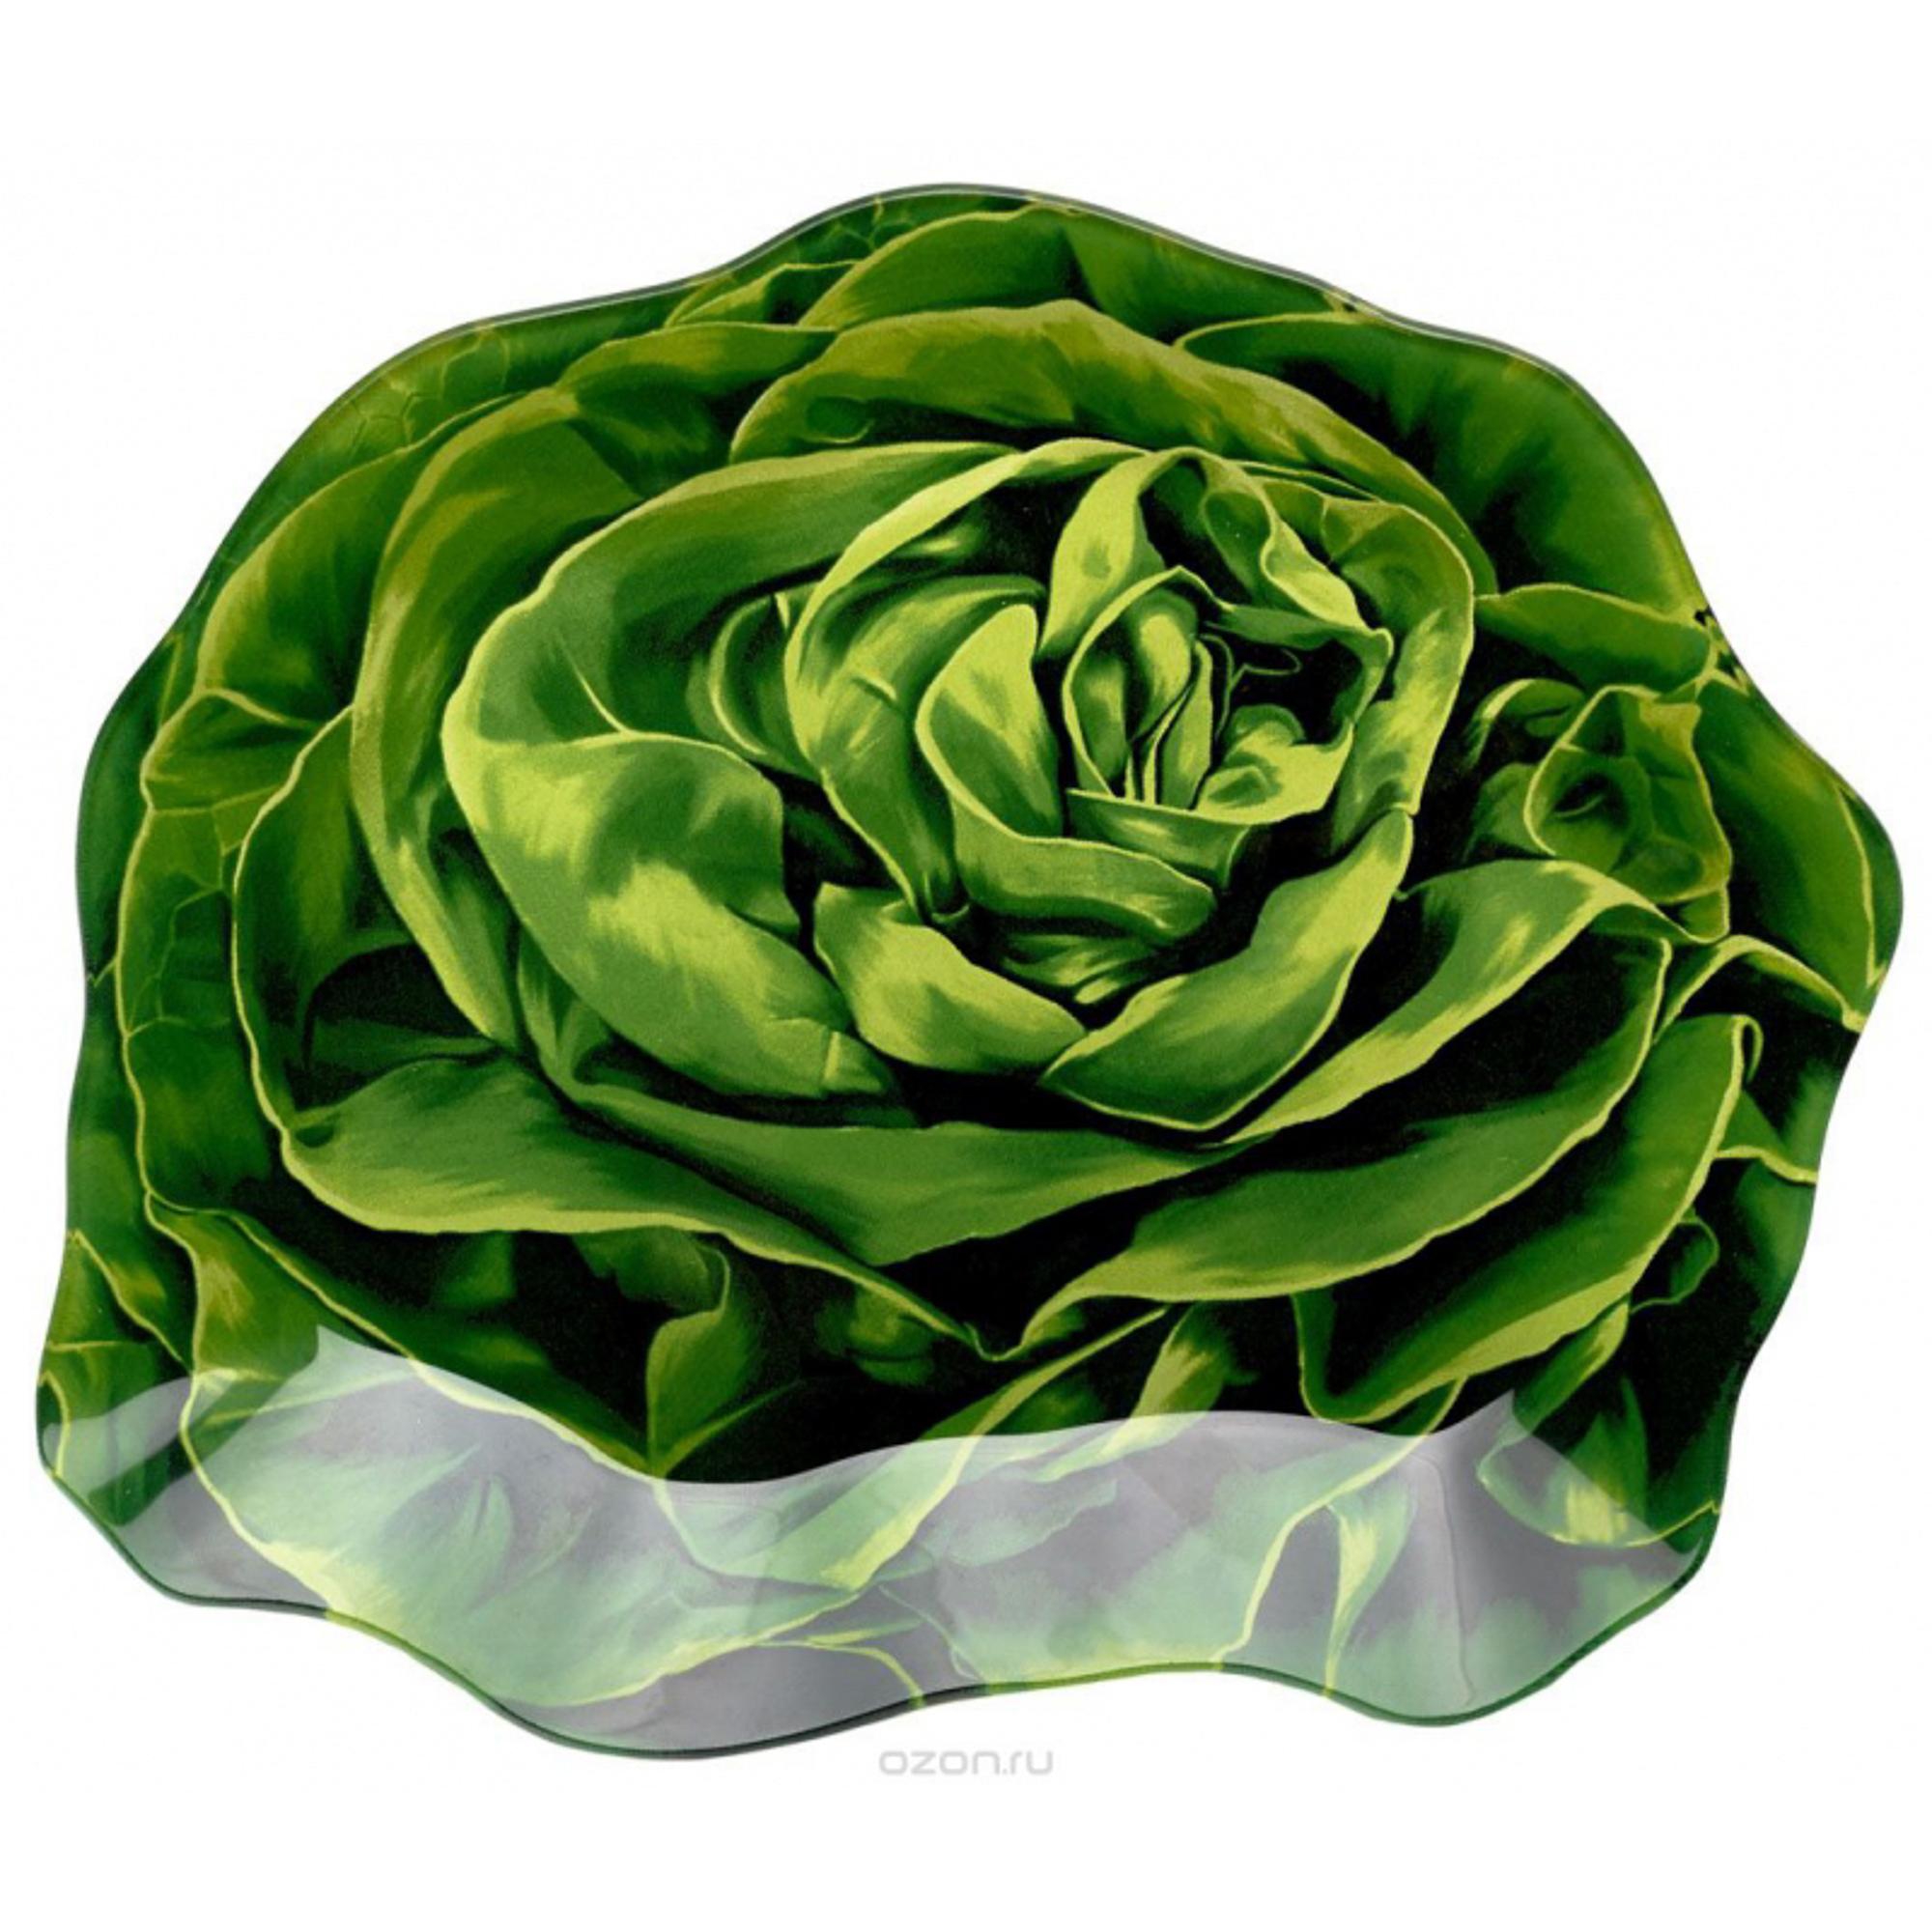 Блюдо сервировочное WALMER Lettuce 18 х 21 см girls lettuce edge trim ruffle hem pants